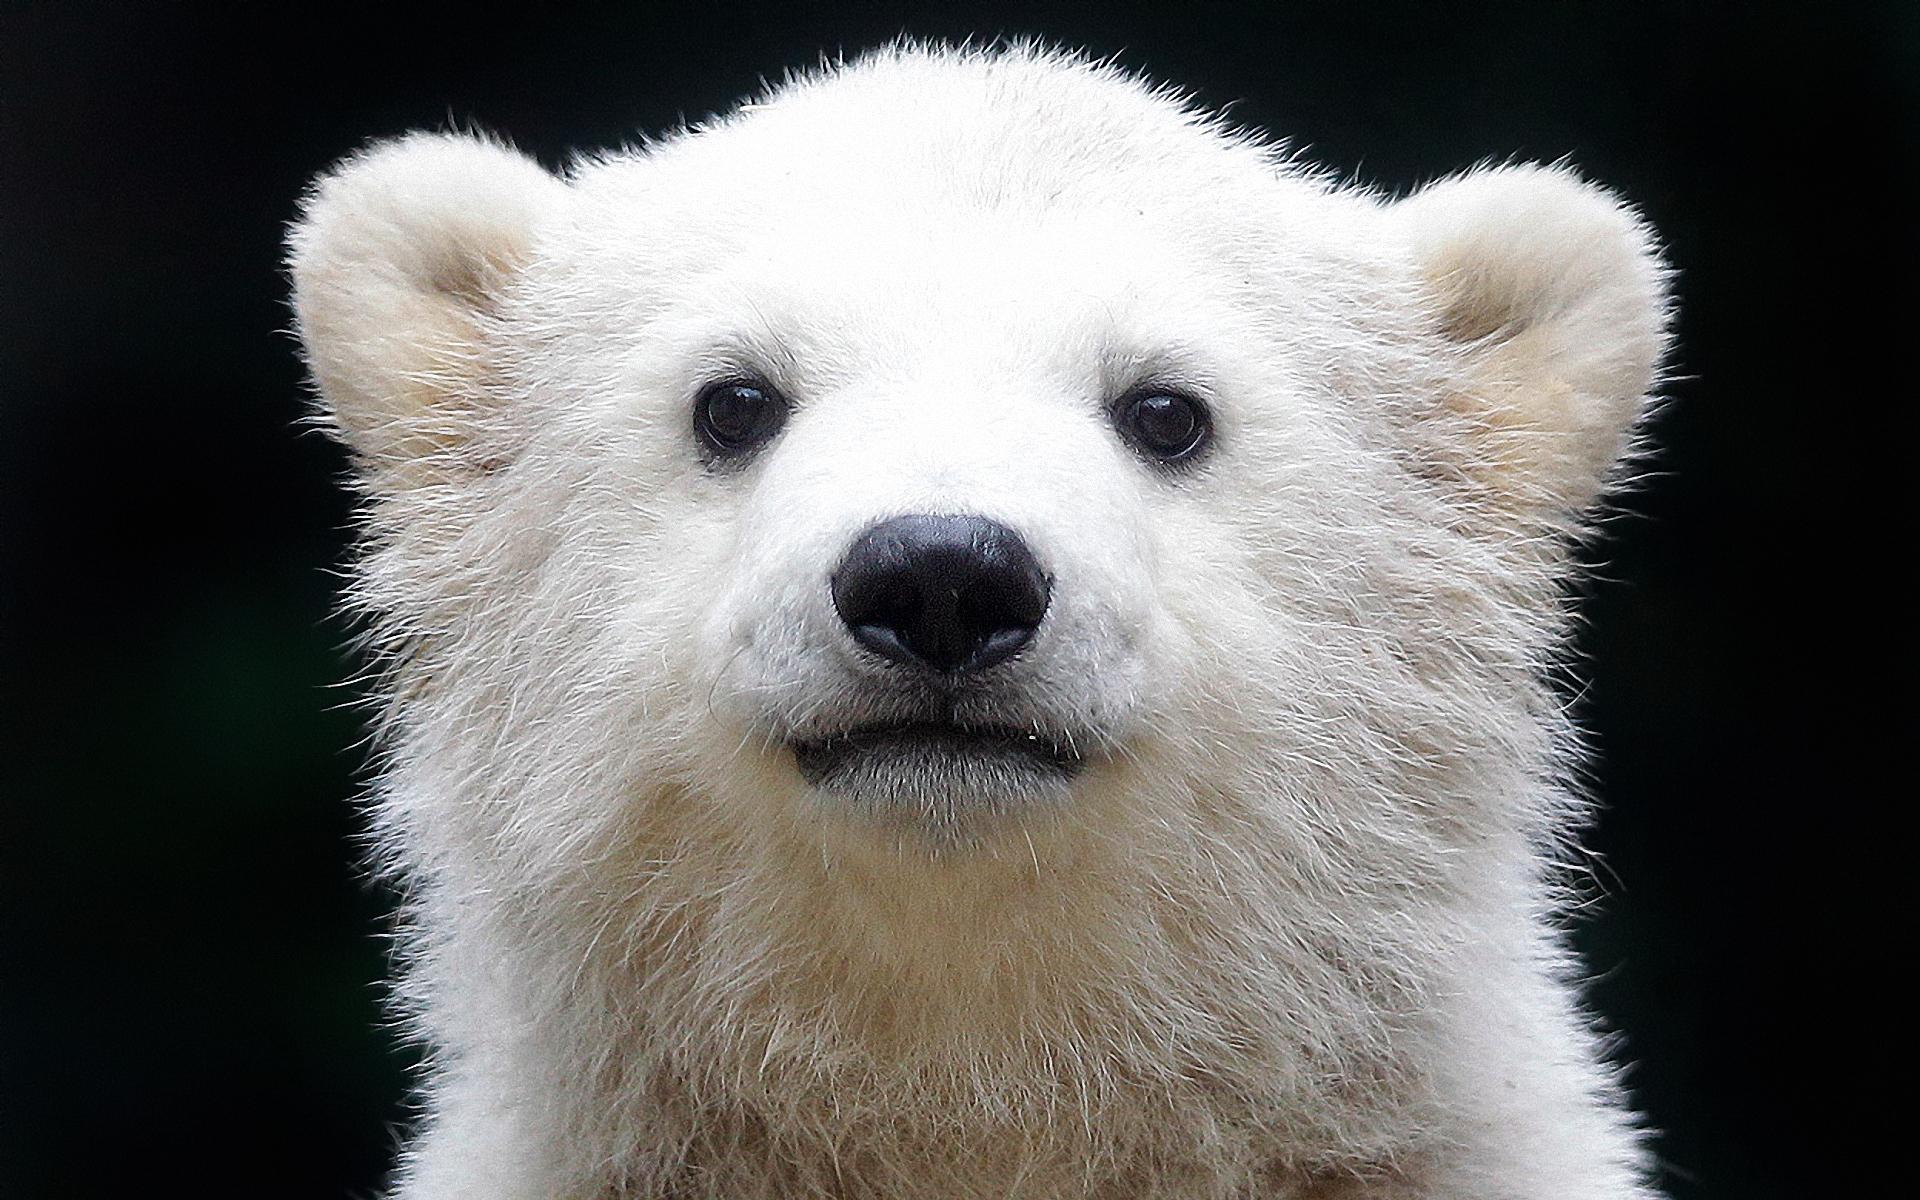 прикольный белый медвежонок, white bear, скачать фото, обои для рабочего стола